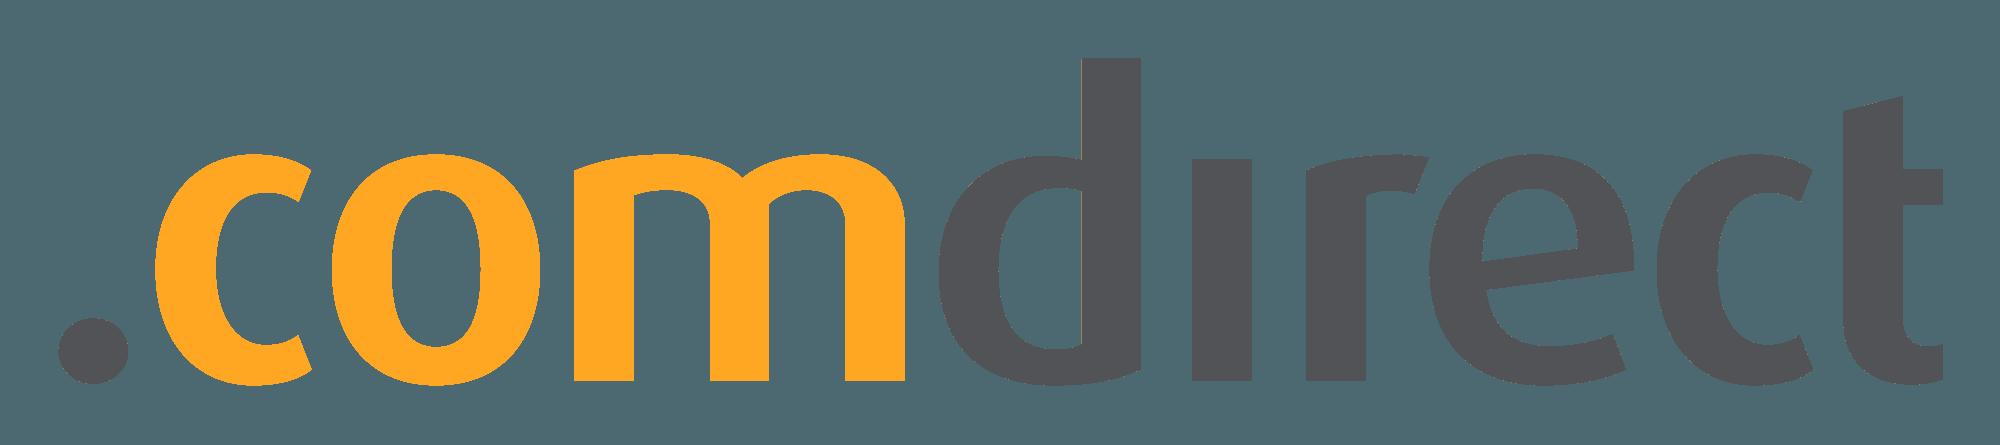 Ratgeber Comdirect Gemeinschaftskonto Die Richtige Wahl